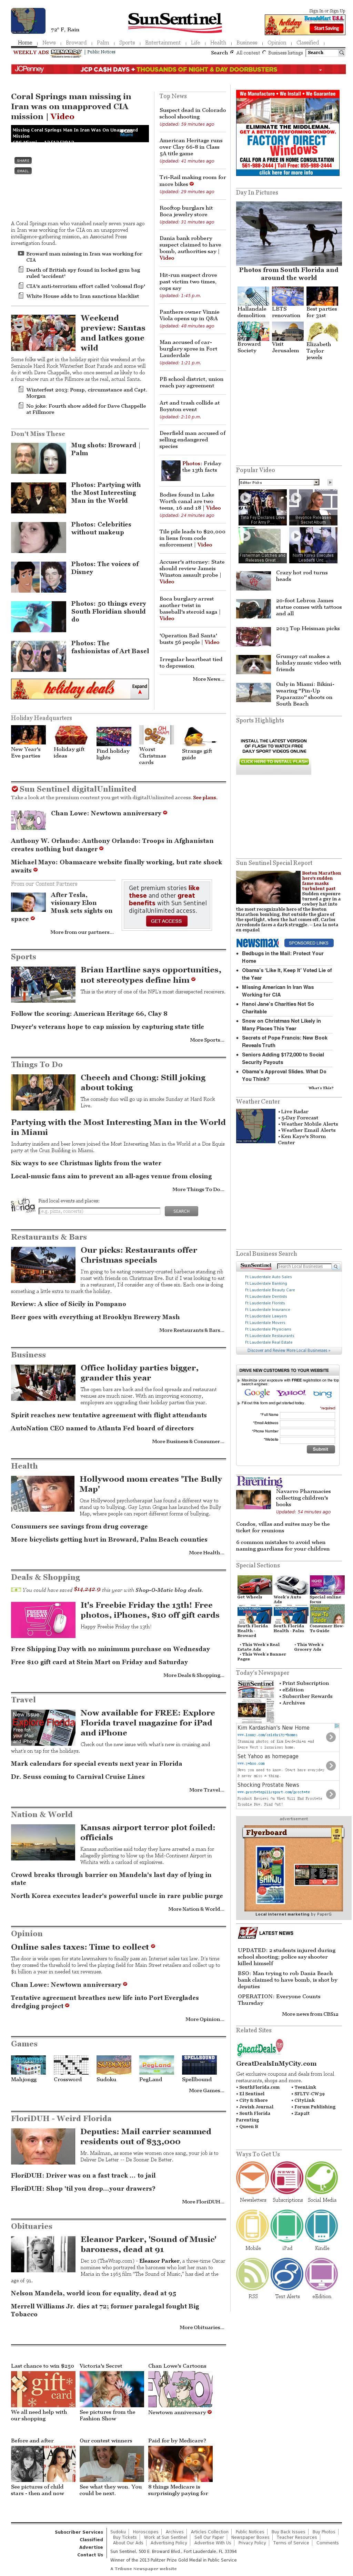 (Florida) Sun Sentinel at Friday Dec. 13, 2013, 9:16 p.m. UTC